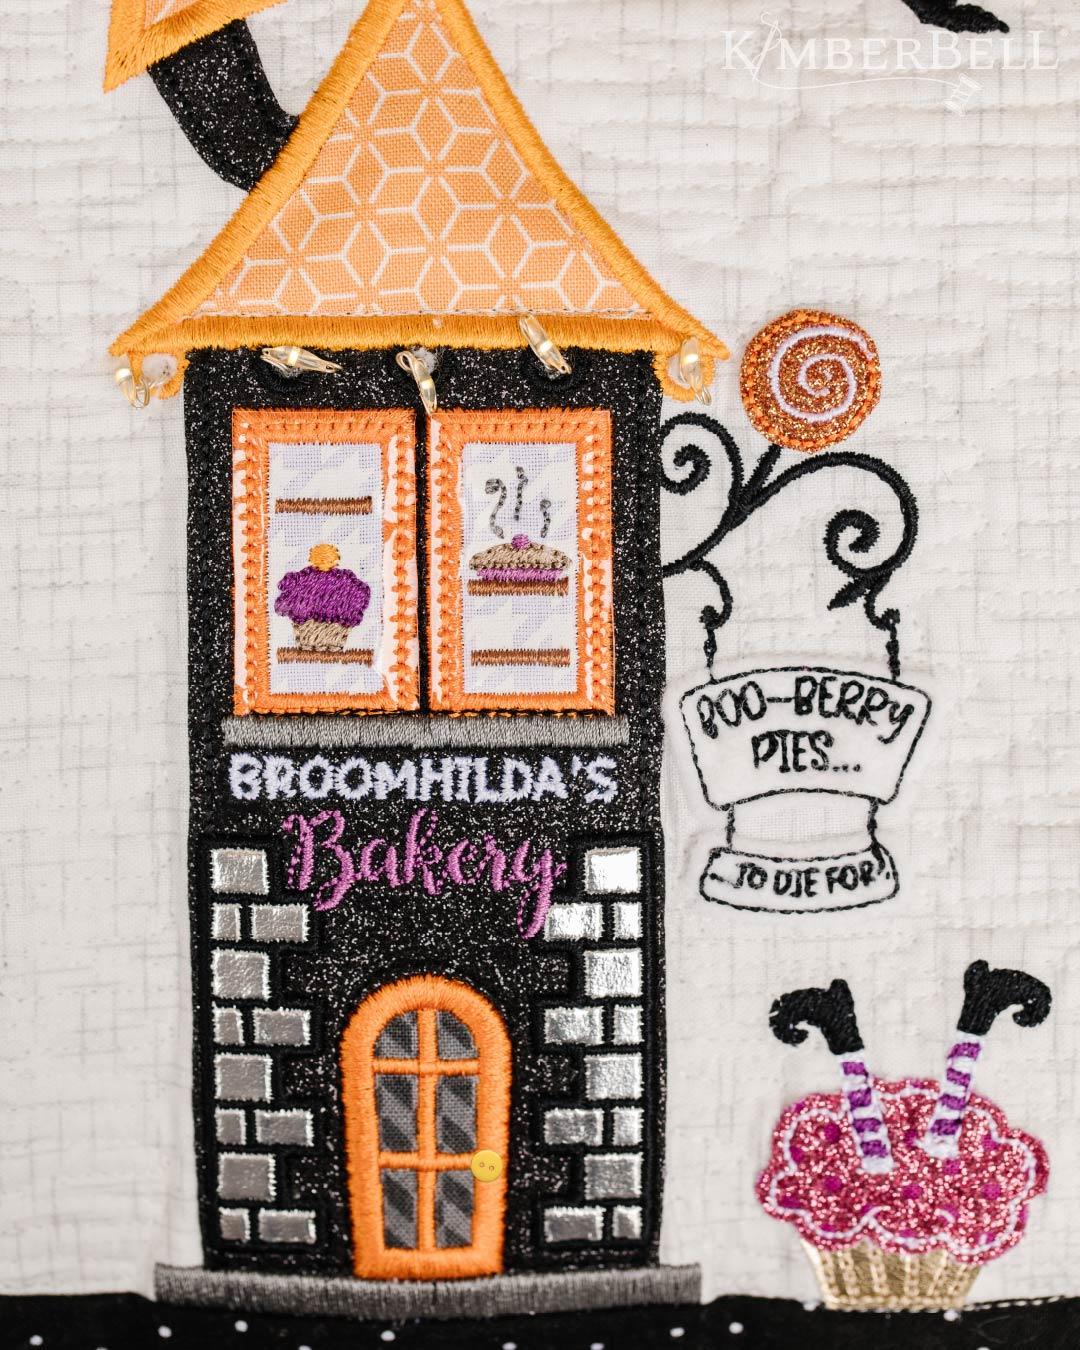 Twilight Boo-levard Broomhilda's Bakery Close-up